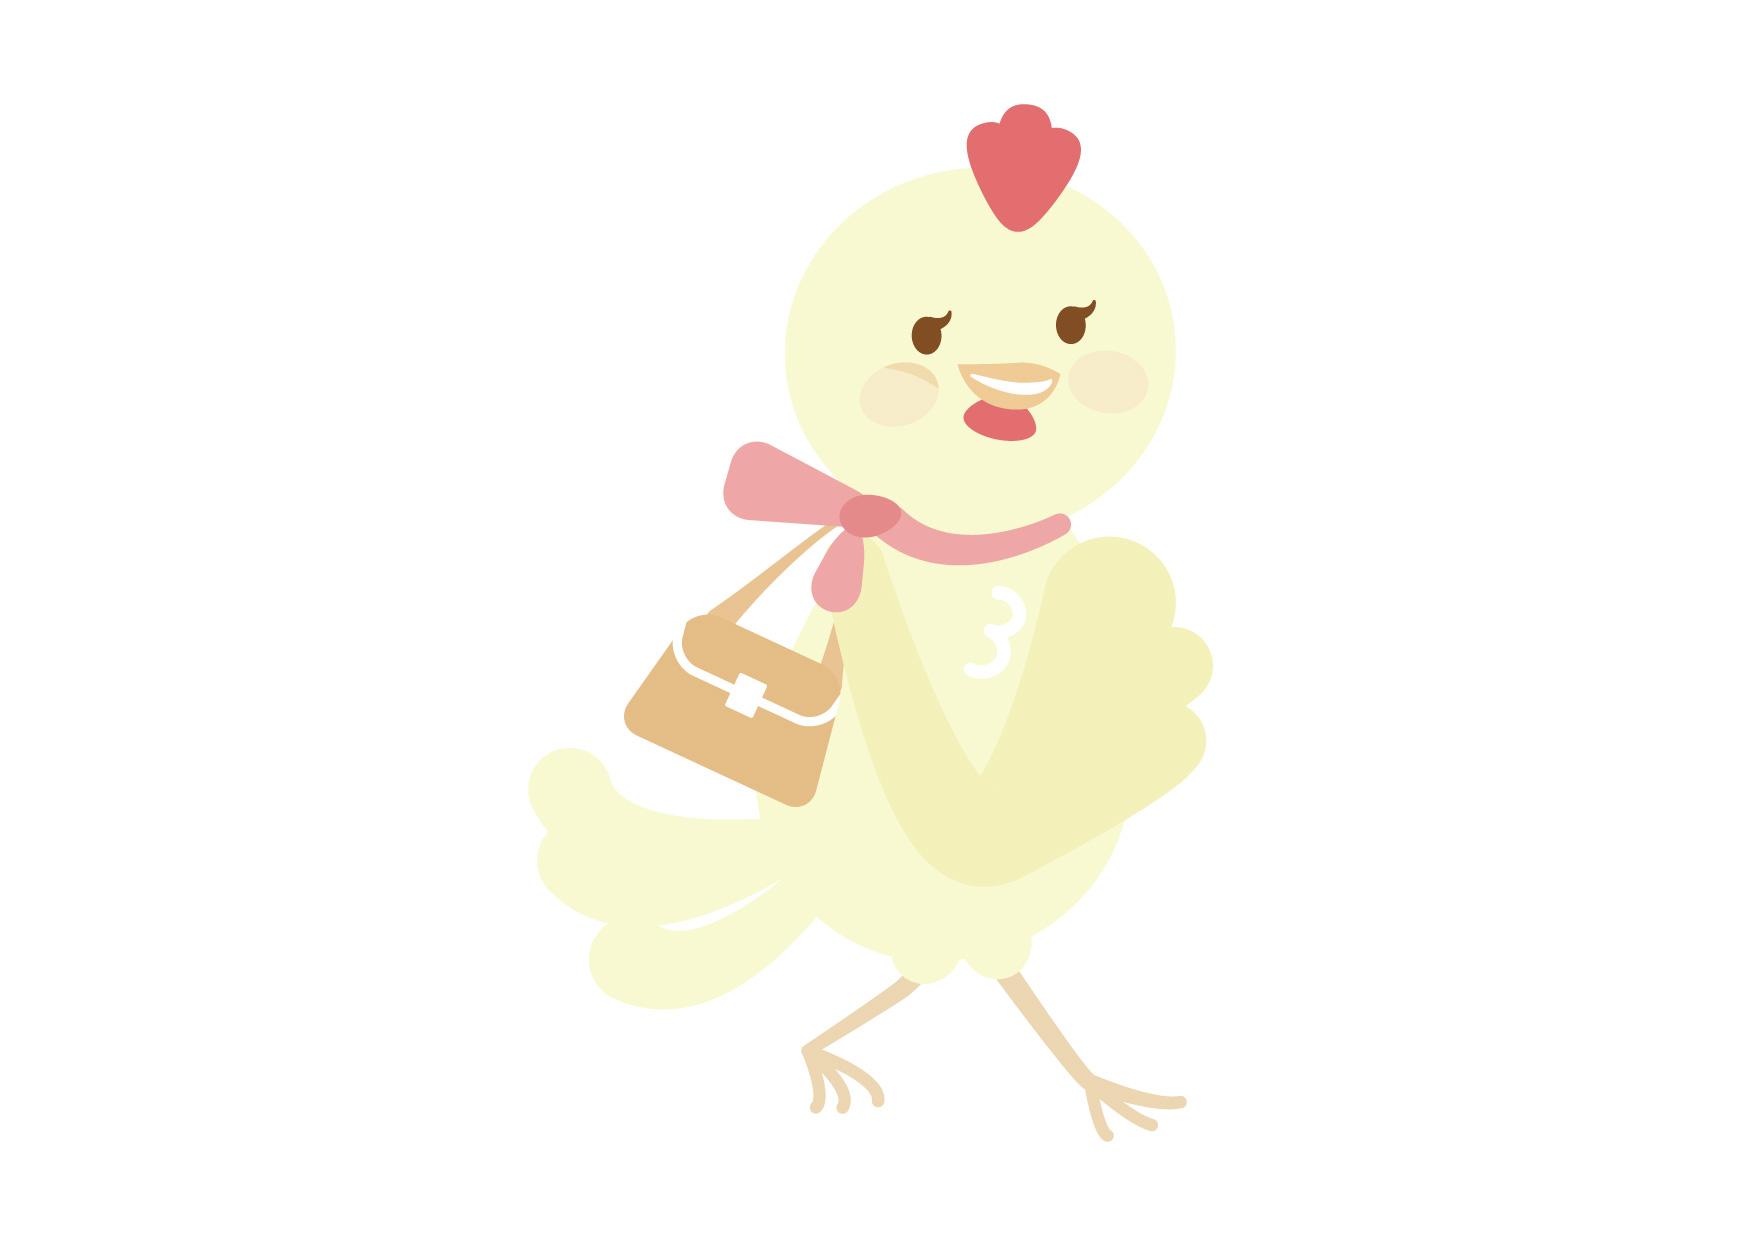 お正月 鶏 お母さん イラスト 無料